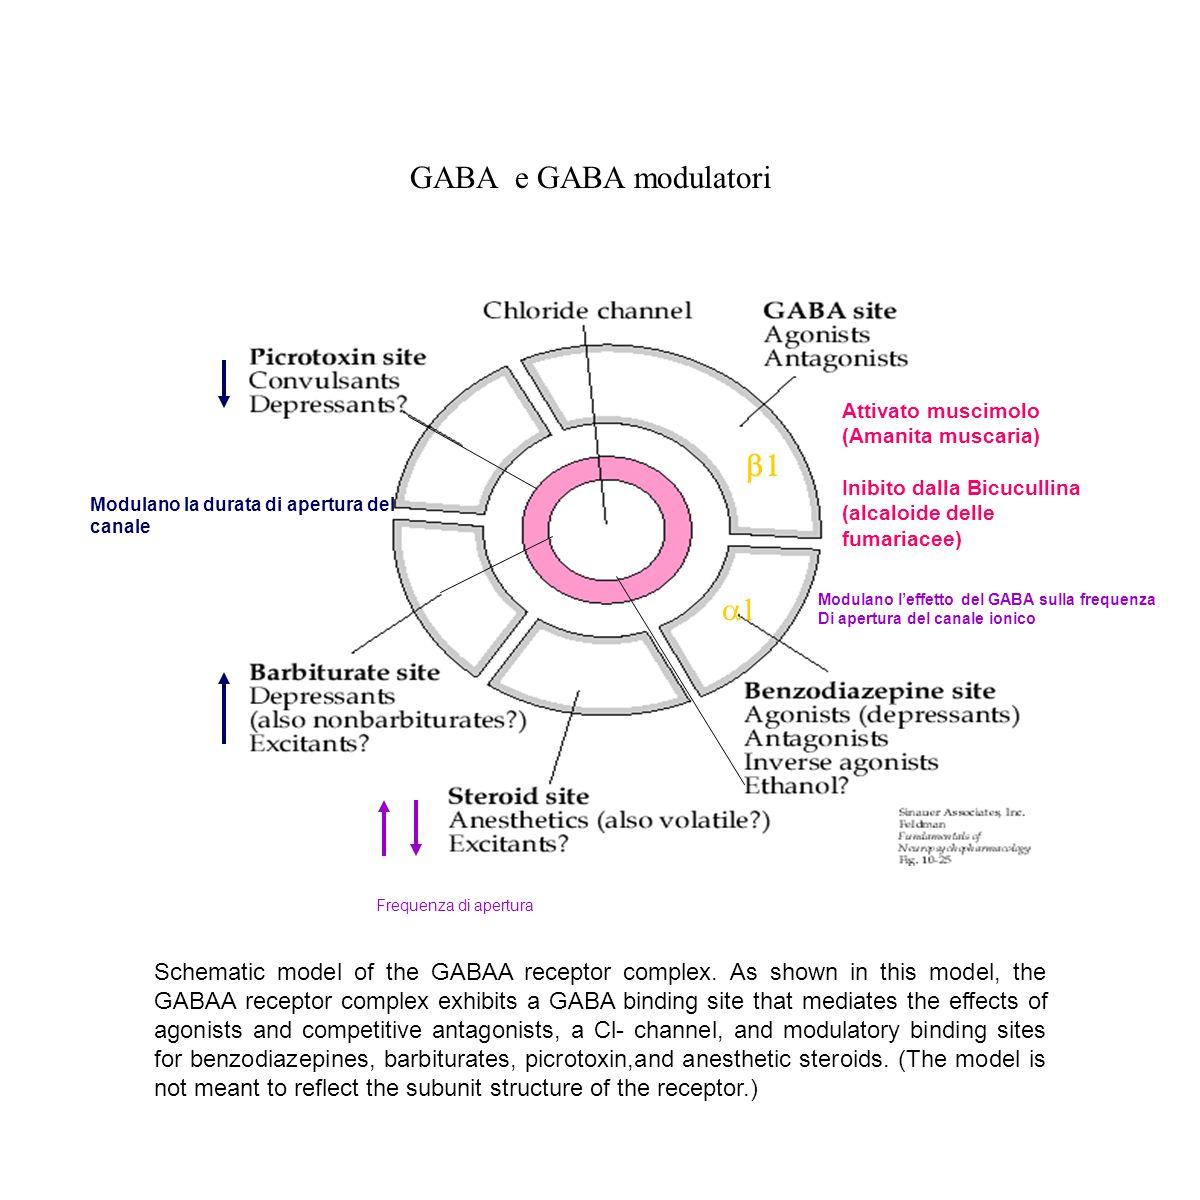 Il recettore GABA B è accoppiato ad una proteina G sensibile alla tossina della pertosse: Go-Gi Controlla i canali del K, la cui apertura si associa a potenziali inibitori della trasmissione sinaptica e blocca le correnti del calcio in certi neuroni ( cellule gangliari delle radici dorsali) In alcune regioni del SNC colocalizza con il recettore GABA A Interazione GABA A/GABA B Il GABA A >> postsinaptico Il GABA B >> presinaptico richiede dosi più elevate di GABA per essere attivato ** A basse concentrazioni di GABA viene attivato il GABA-A receptor aumento della conduttanza al Cl - potenziale inibitorio postsinaptico rapido ** quando sono attivati numerosi interneuroni inibitori elevata concentrazione di GABA stimolazione dei recettori GABA B aumento conduttanza per il K potenziale inibitorio postisnaptico lento Sinergia a livello dell'utero : motilita GABA A: inibisce la contrazione mentre GABA B la attiva.